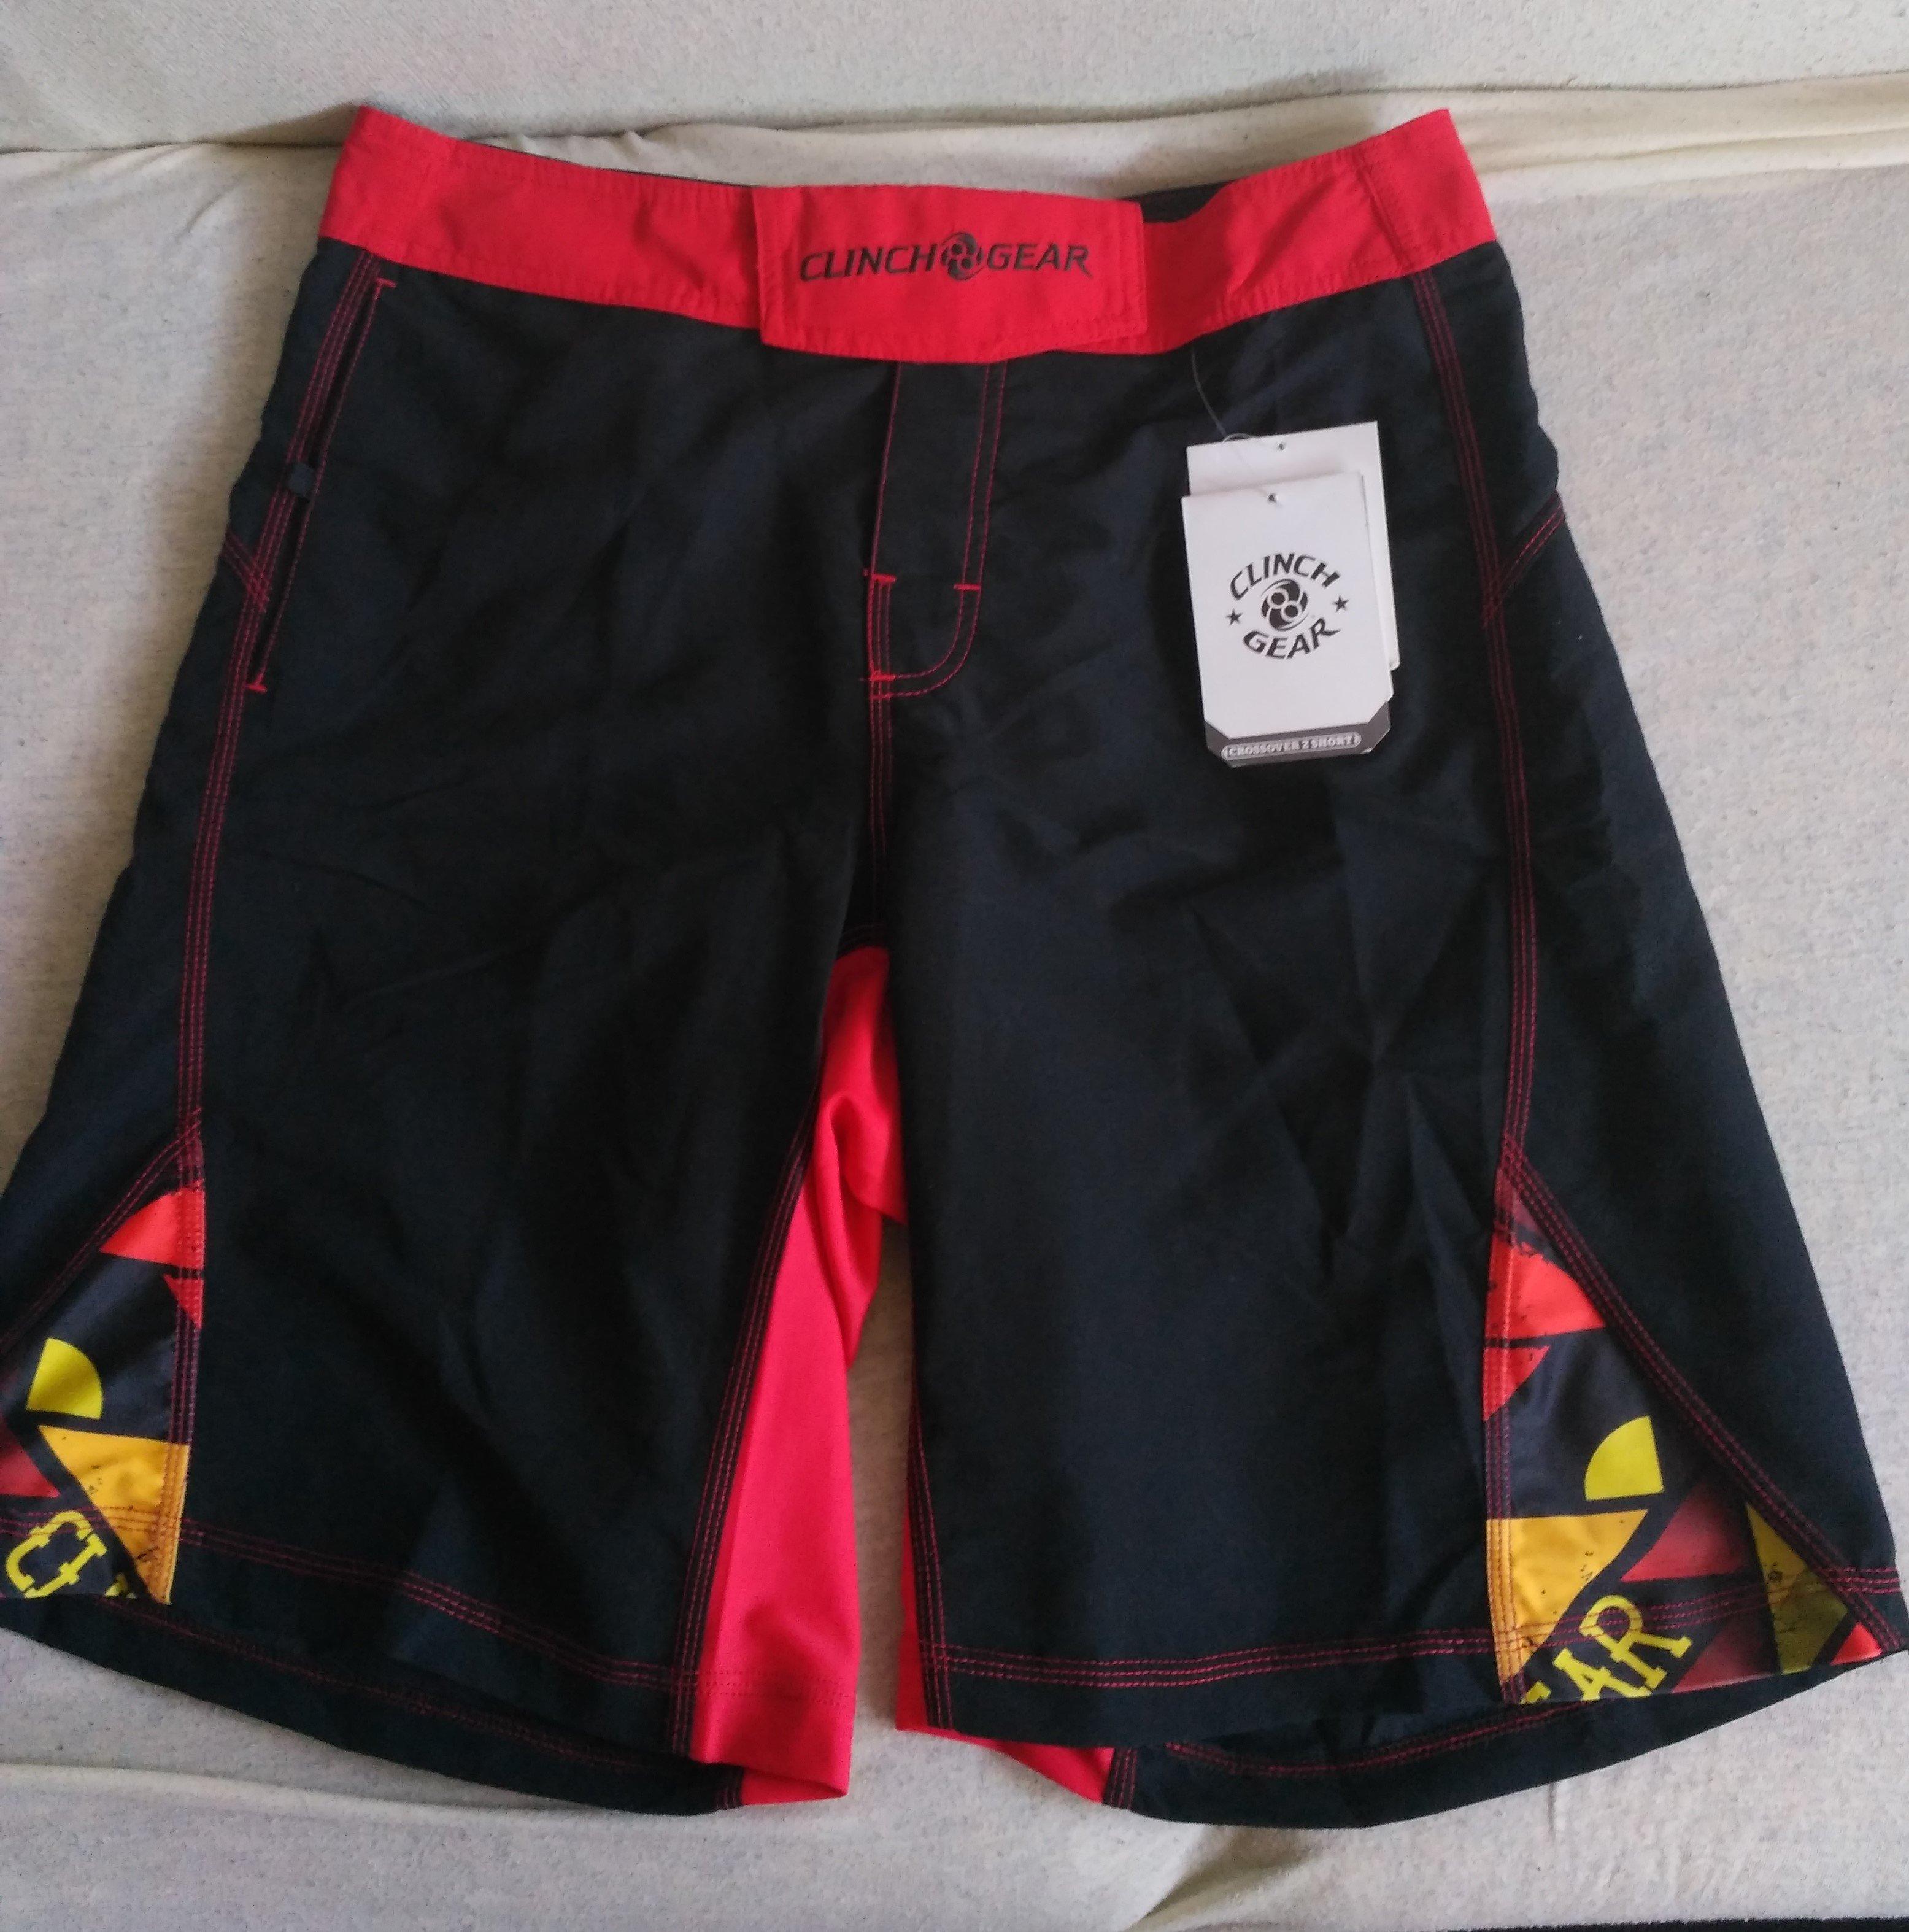 Bermude Clinch Gear MMA Shorts